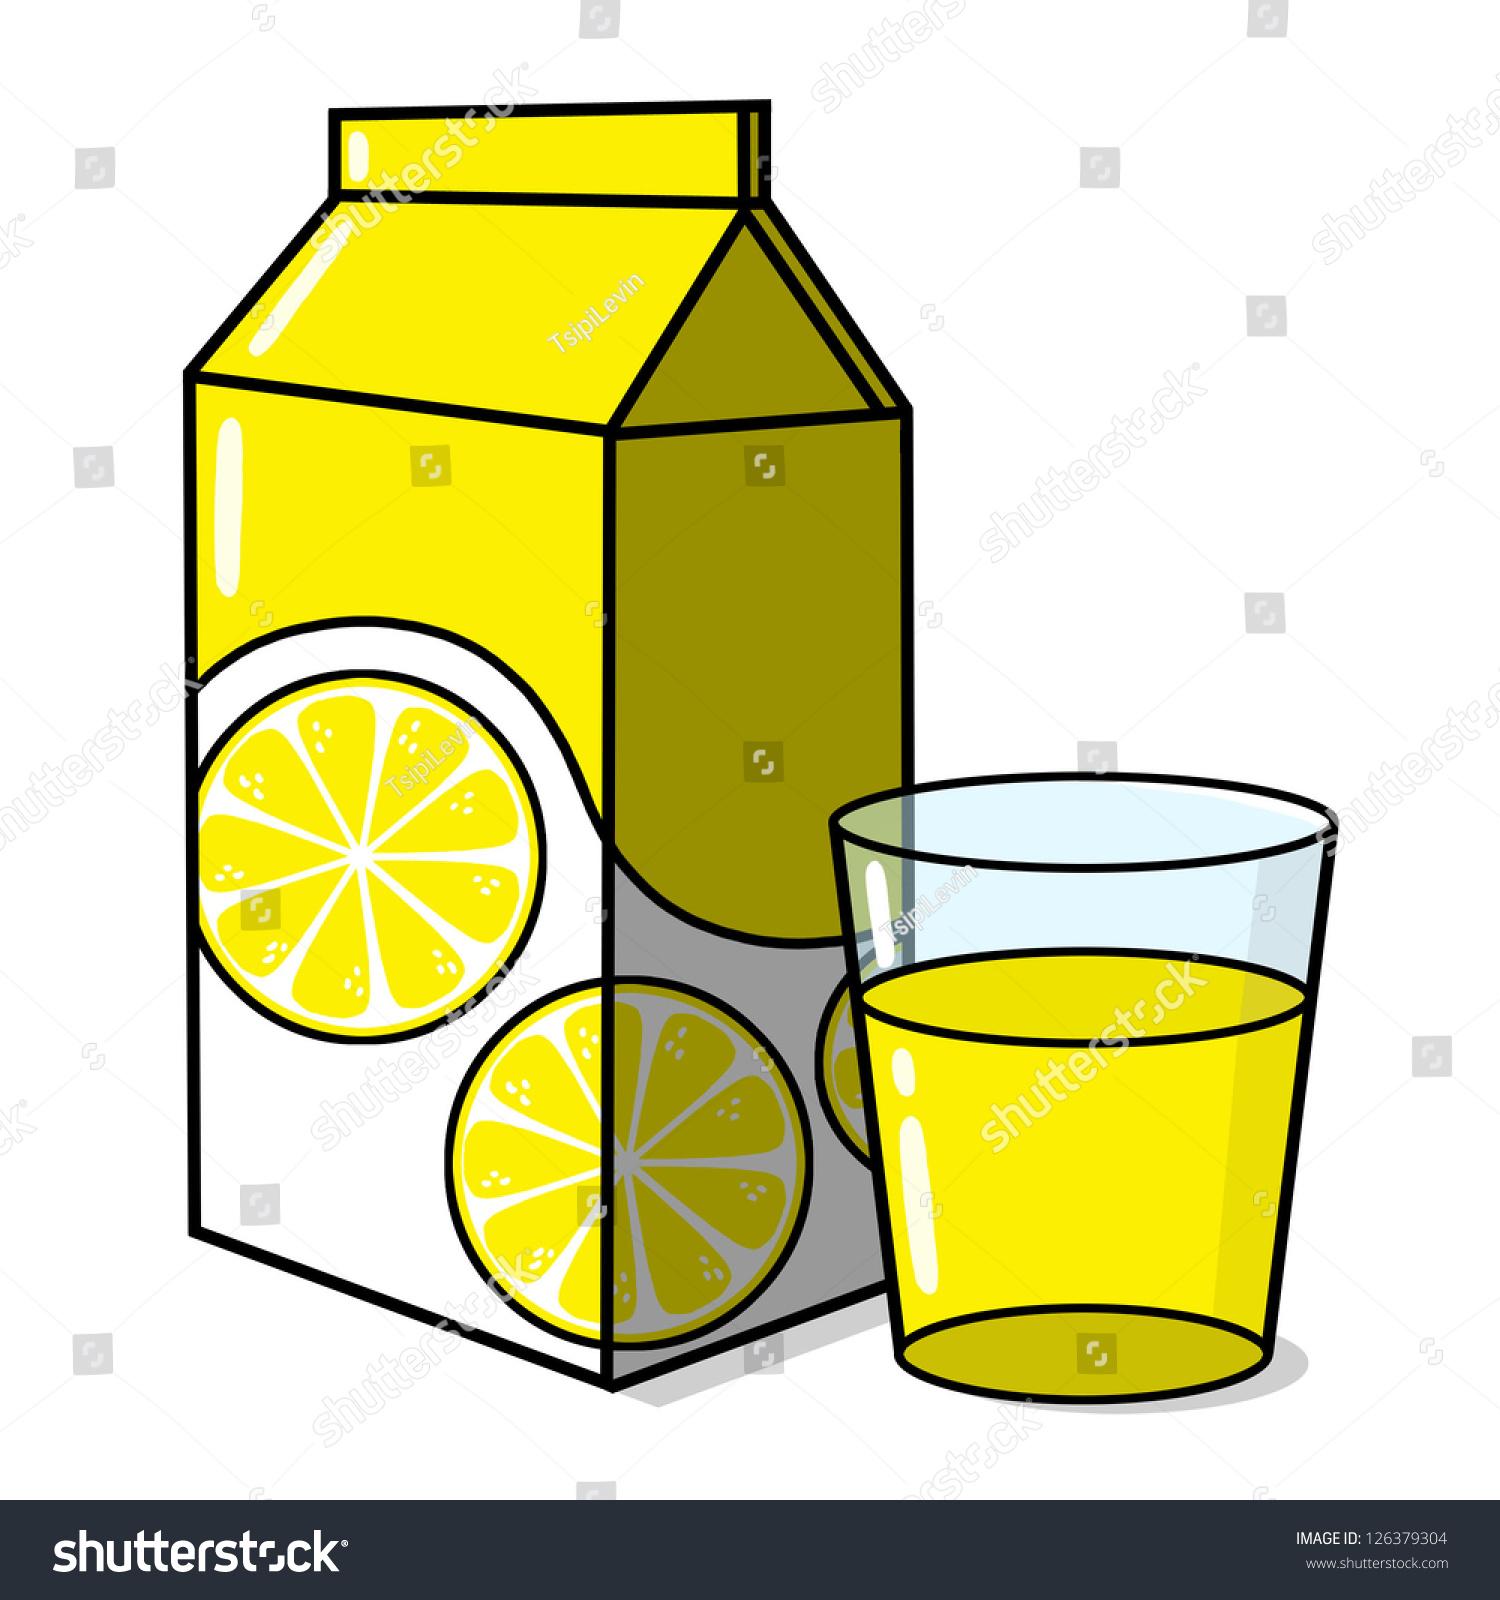 cup lemonade clipart - photo #19